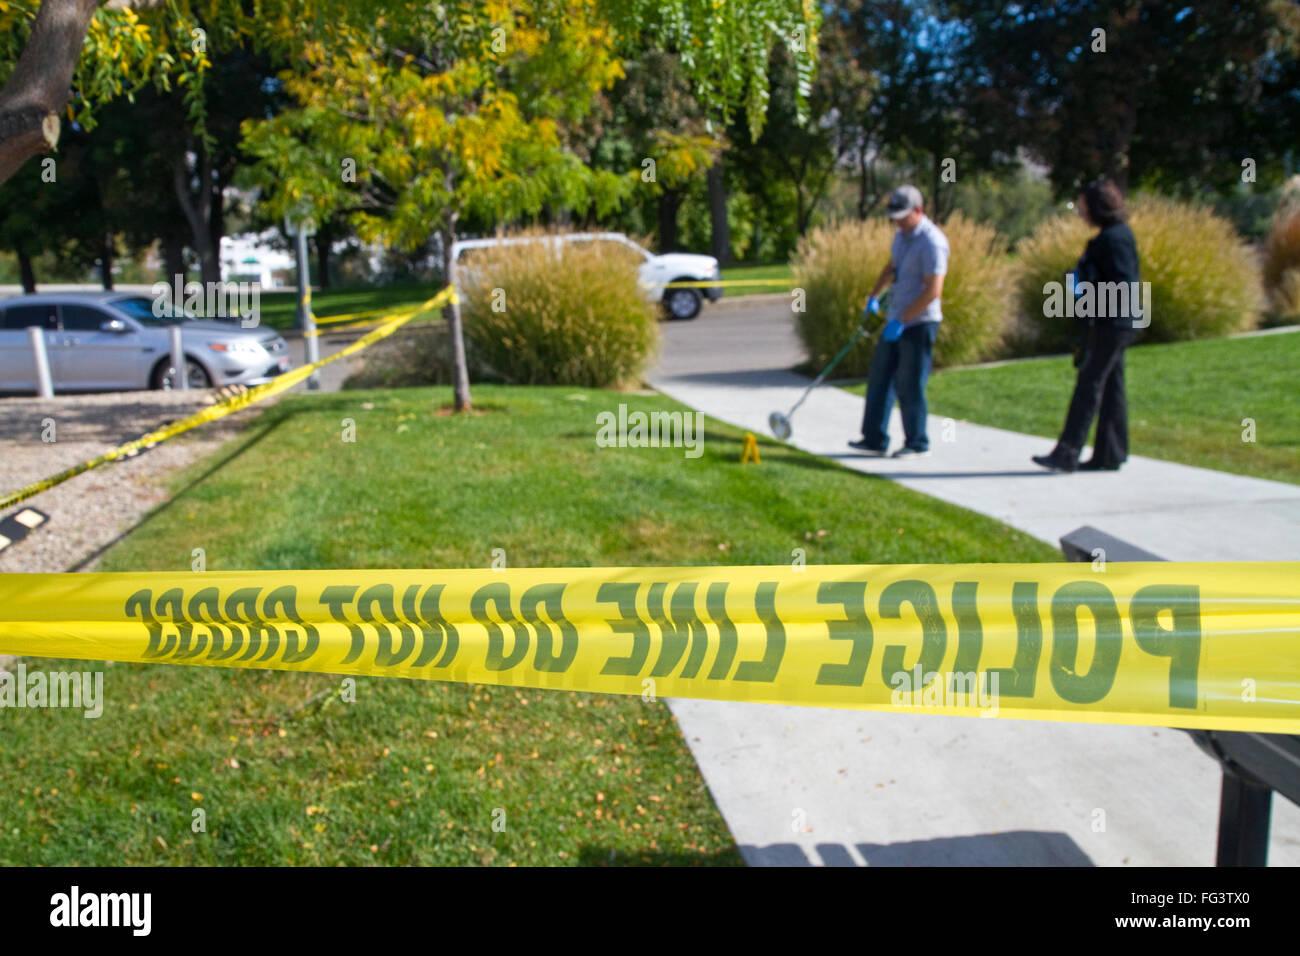 Polizei Vorsicht Klebeband am Tatort eines Verbrechens in Boise, Idaho, USA. Stockbild